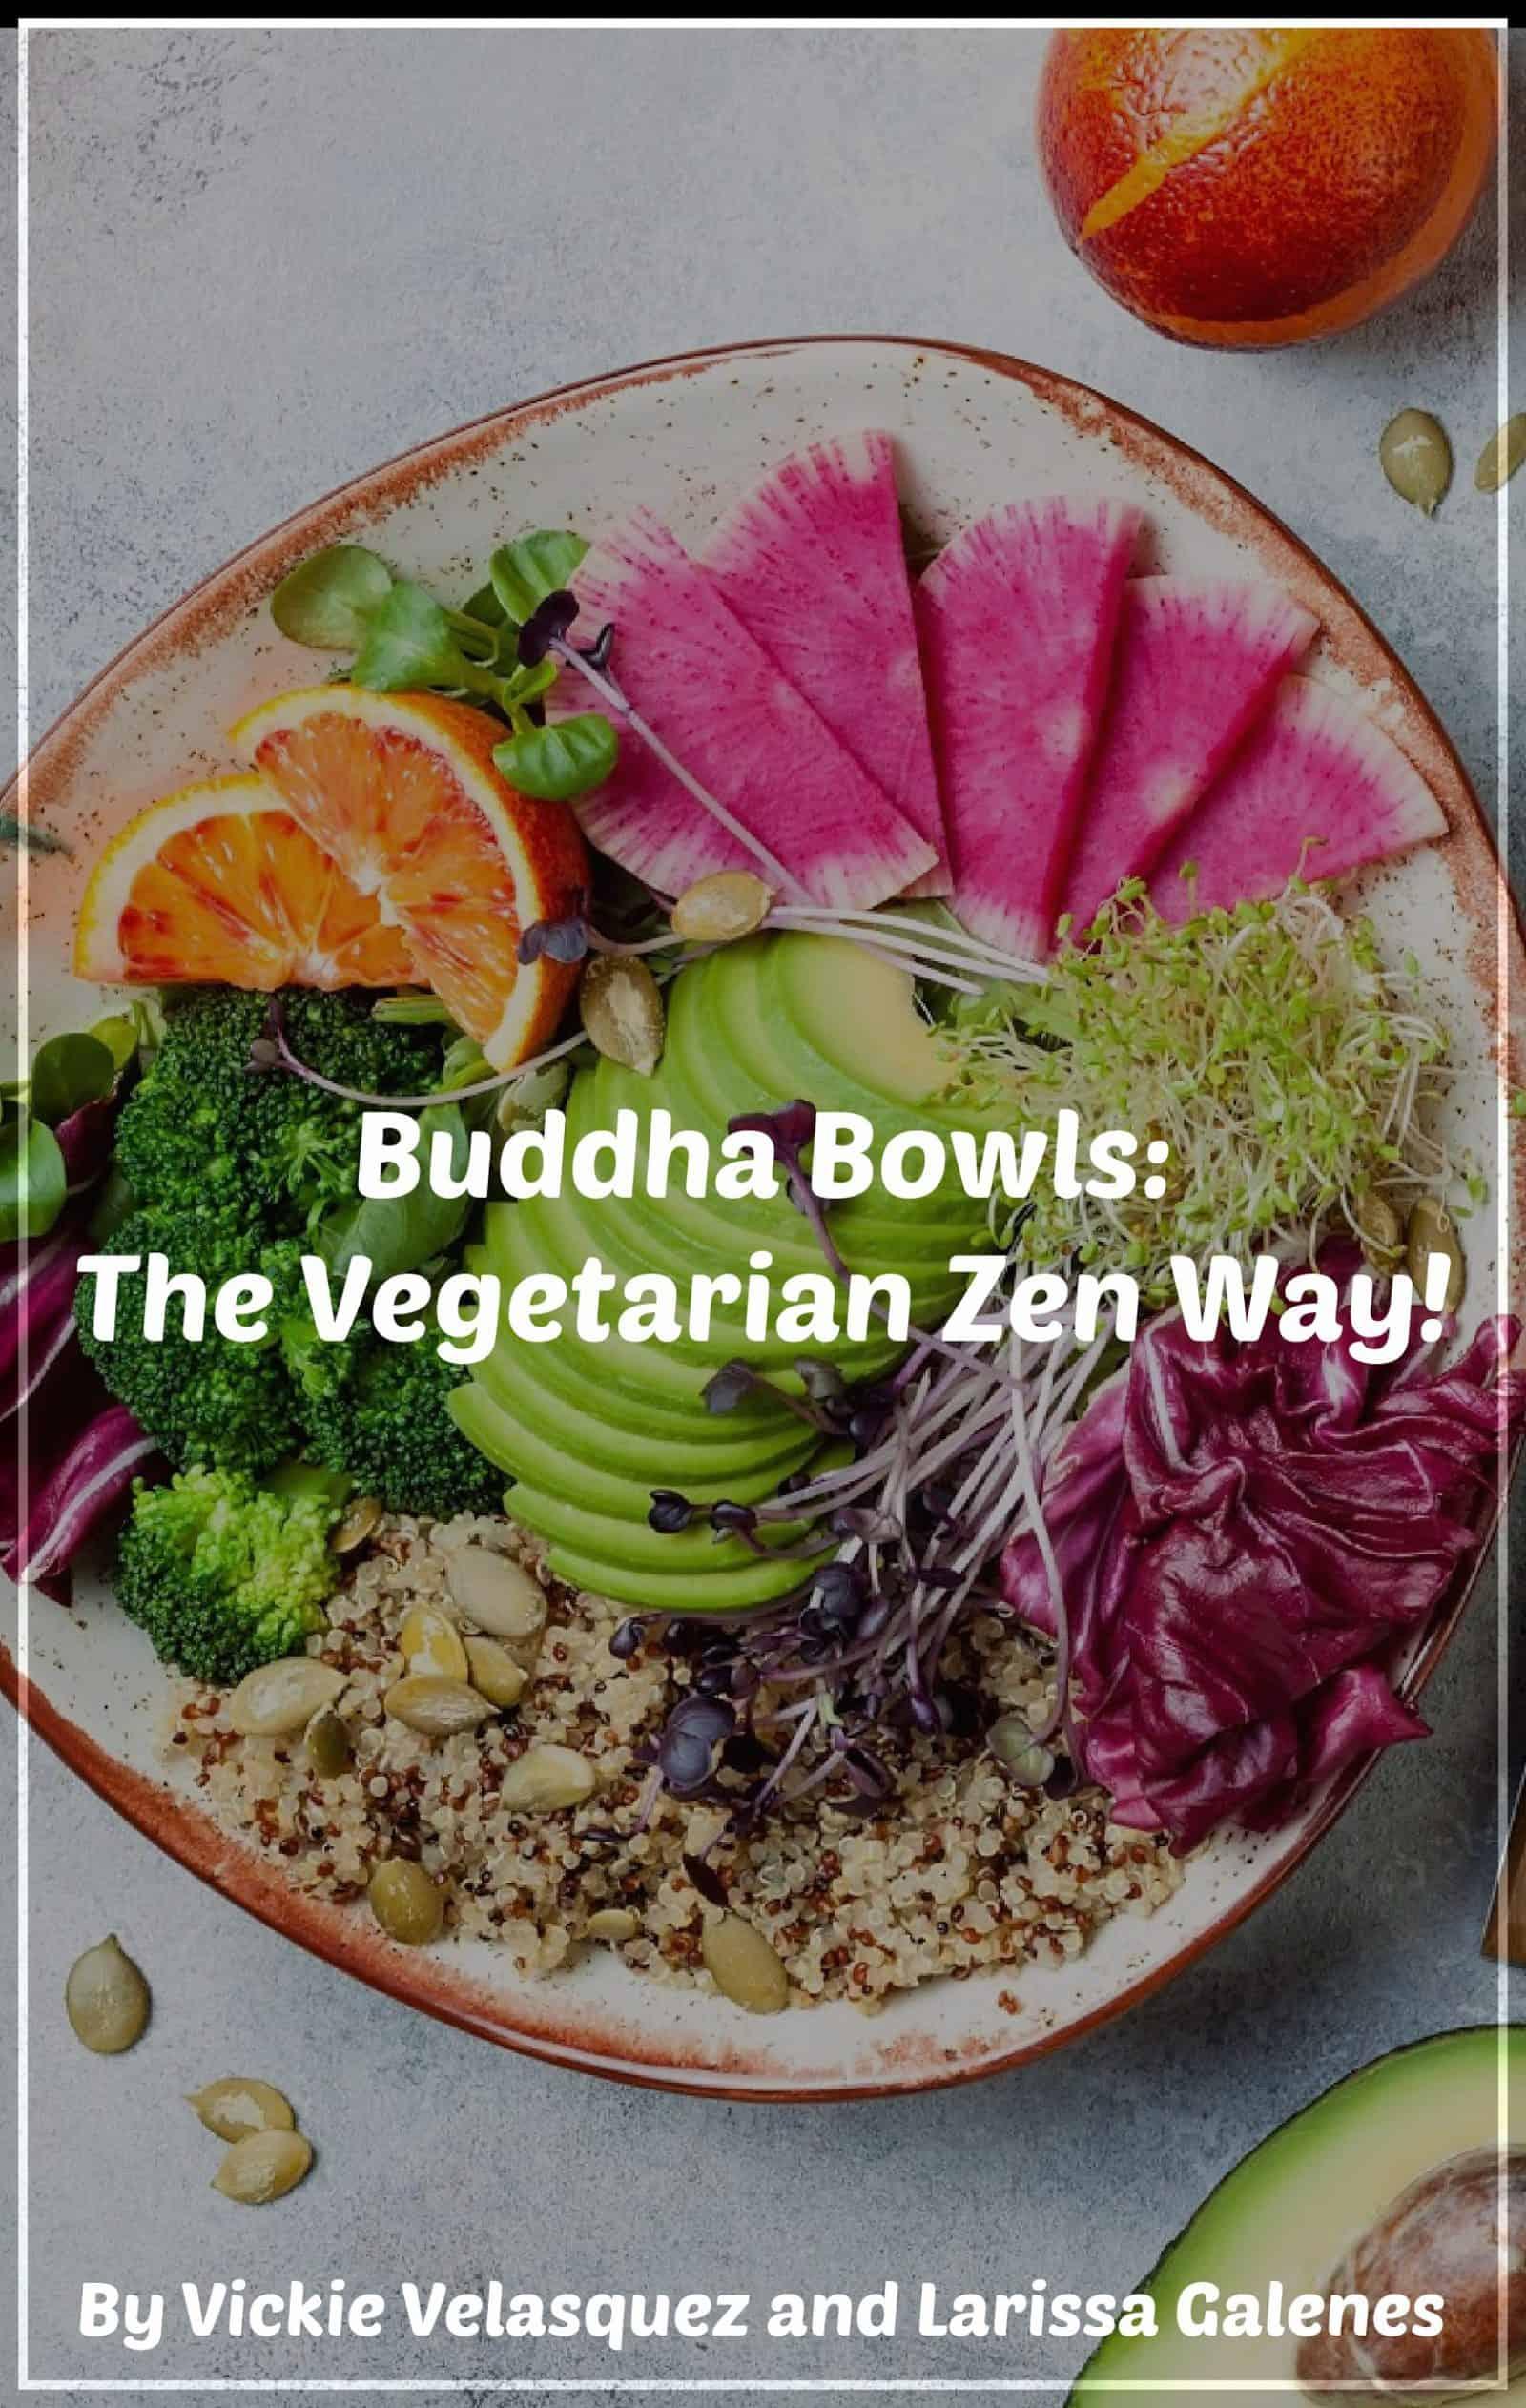 Buddha Bowls: The Vegetarian Zen Way!